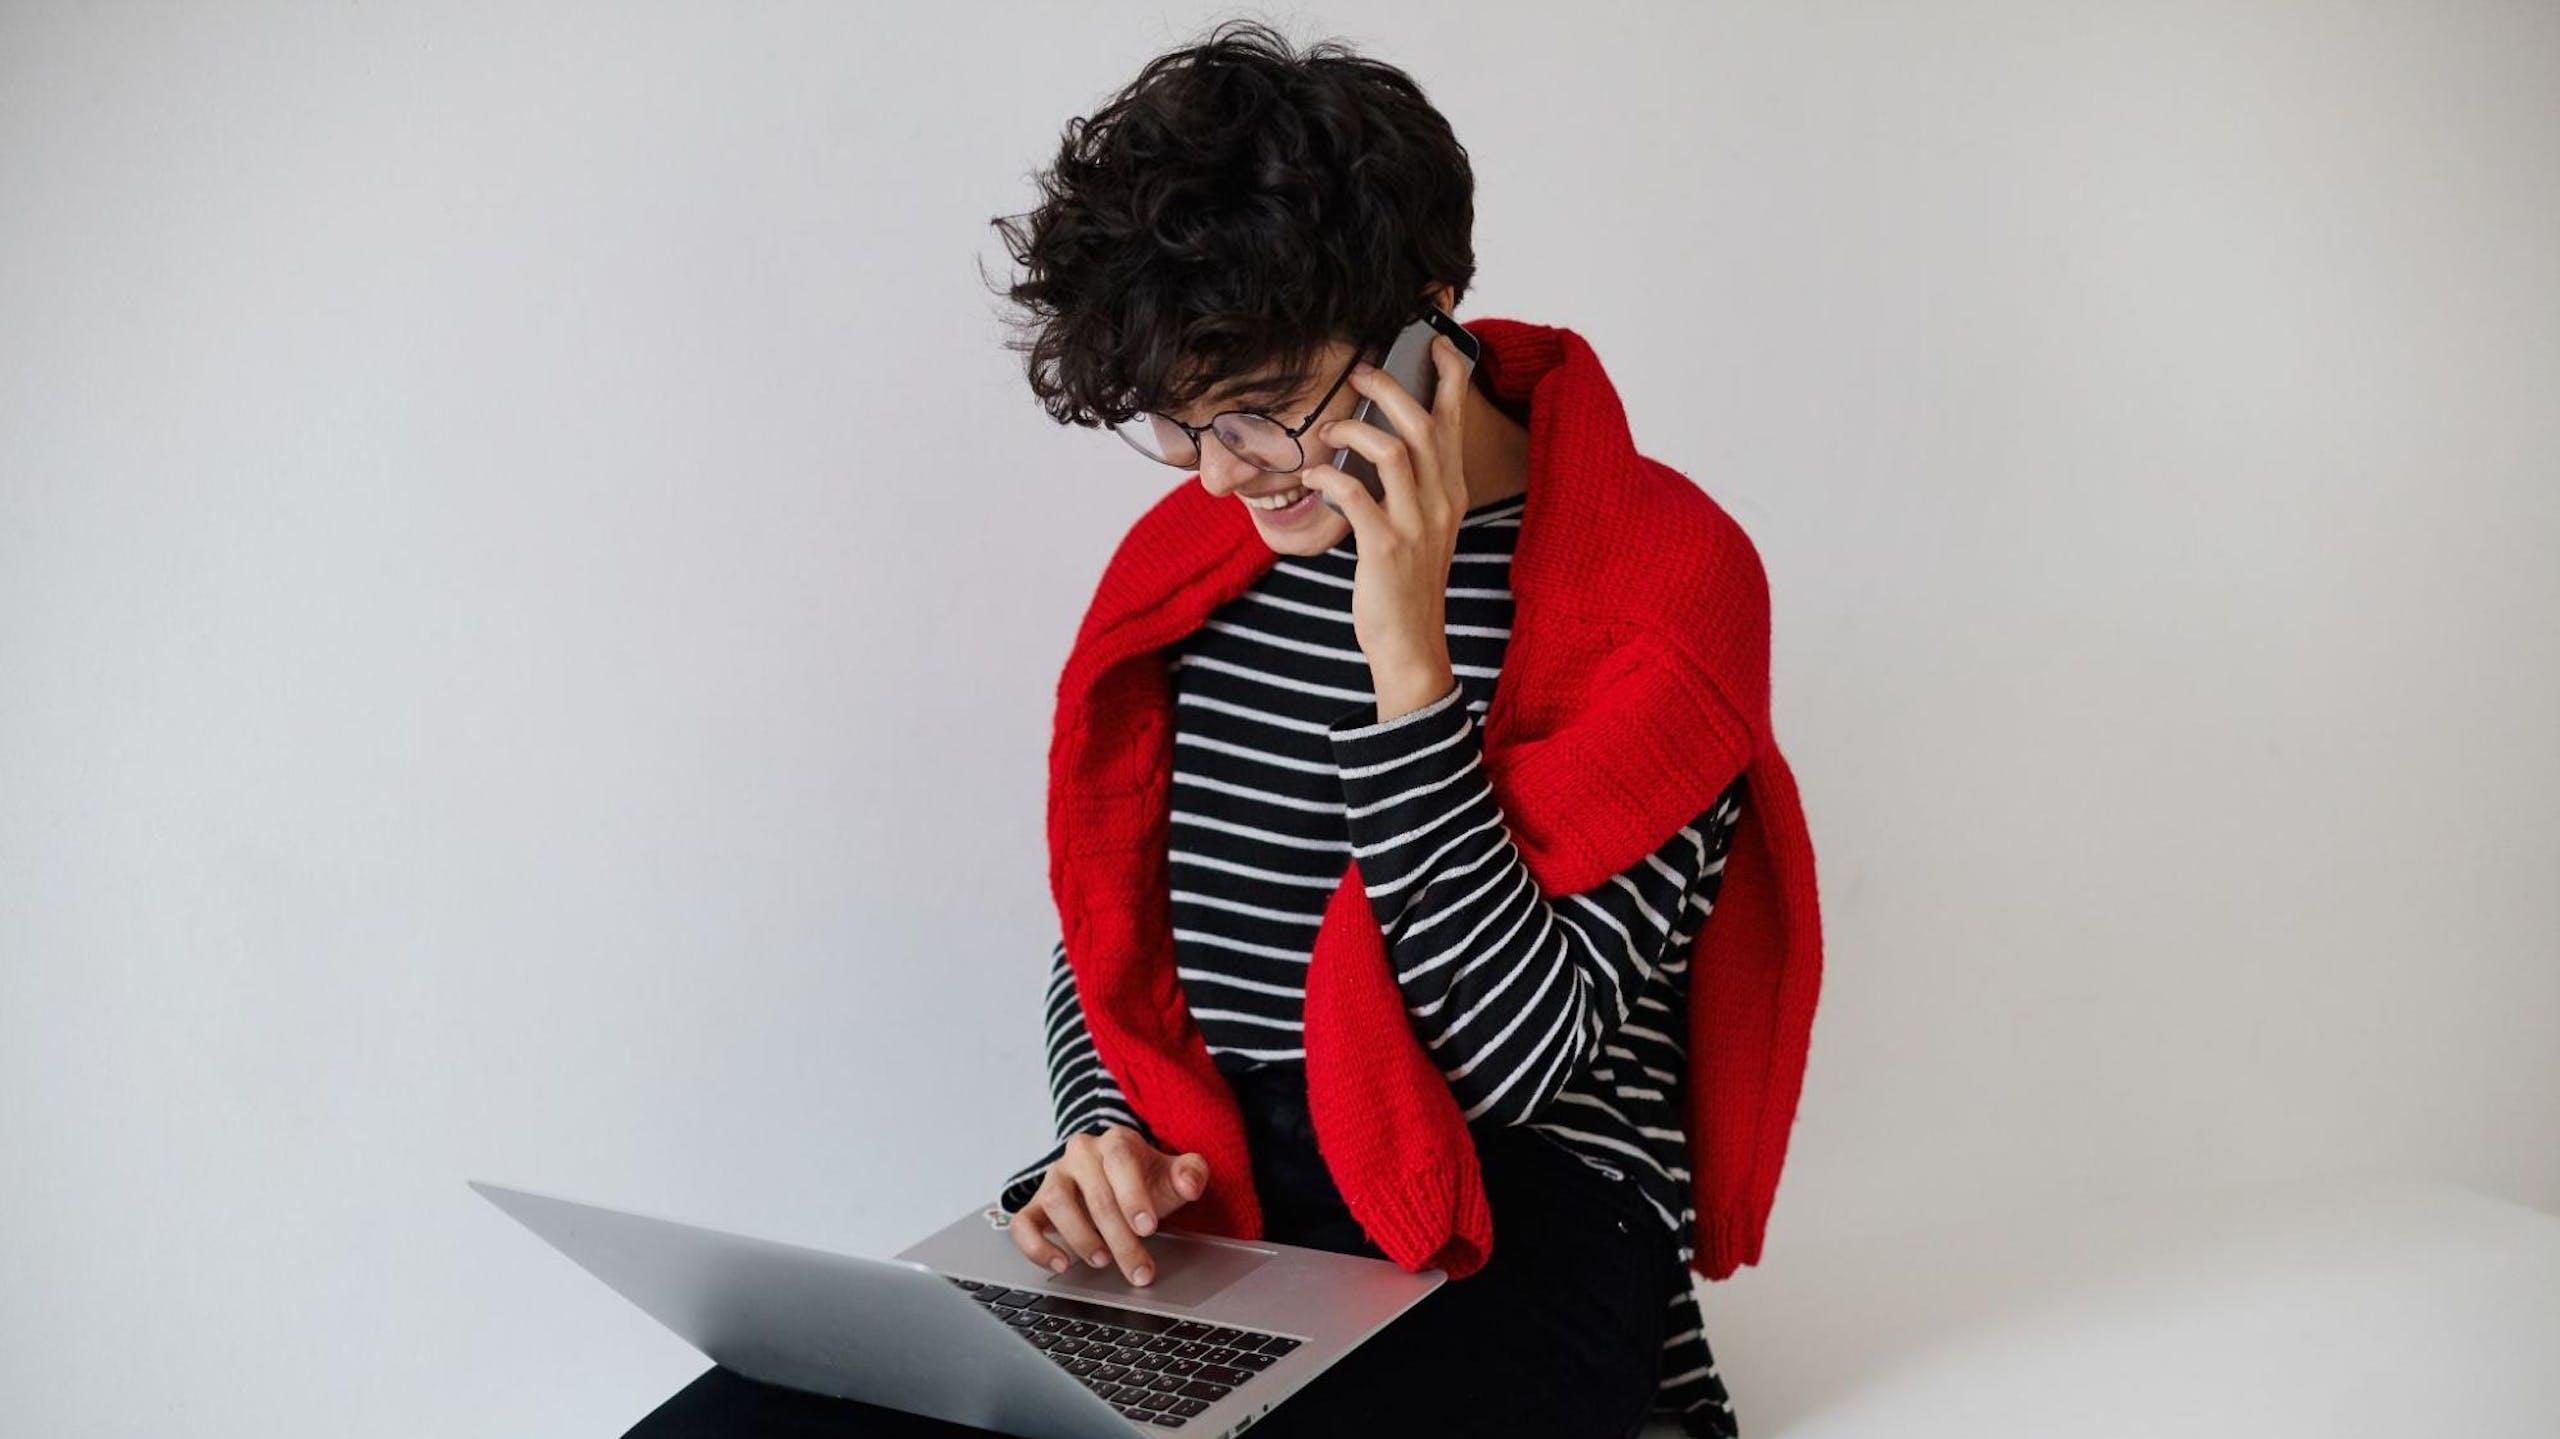 jeune fille avec un téléphone et un ordinateur